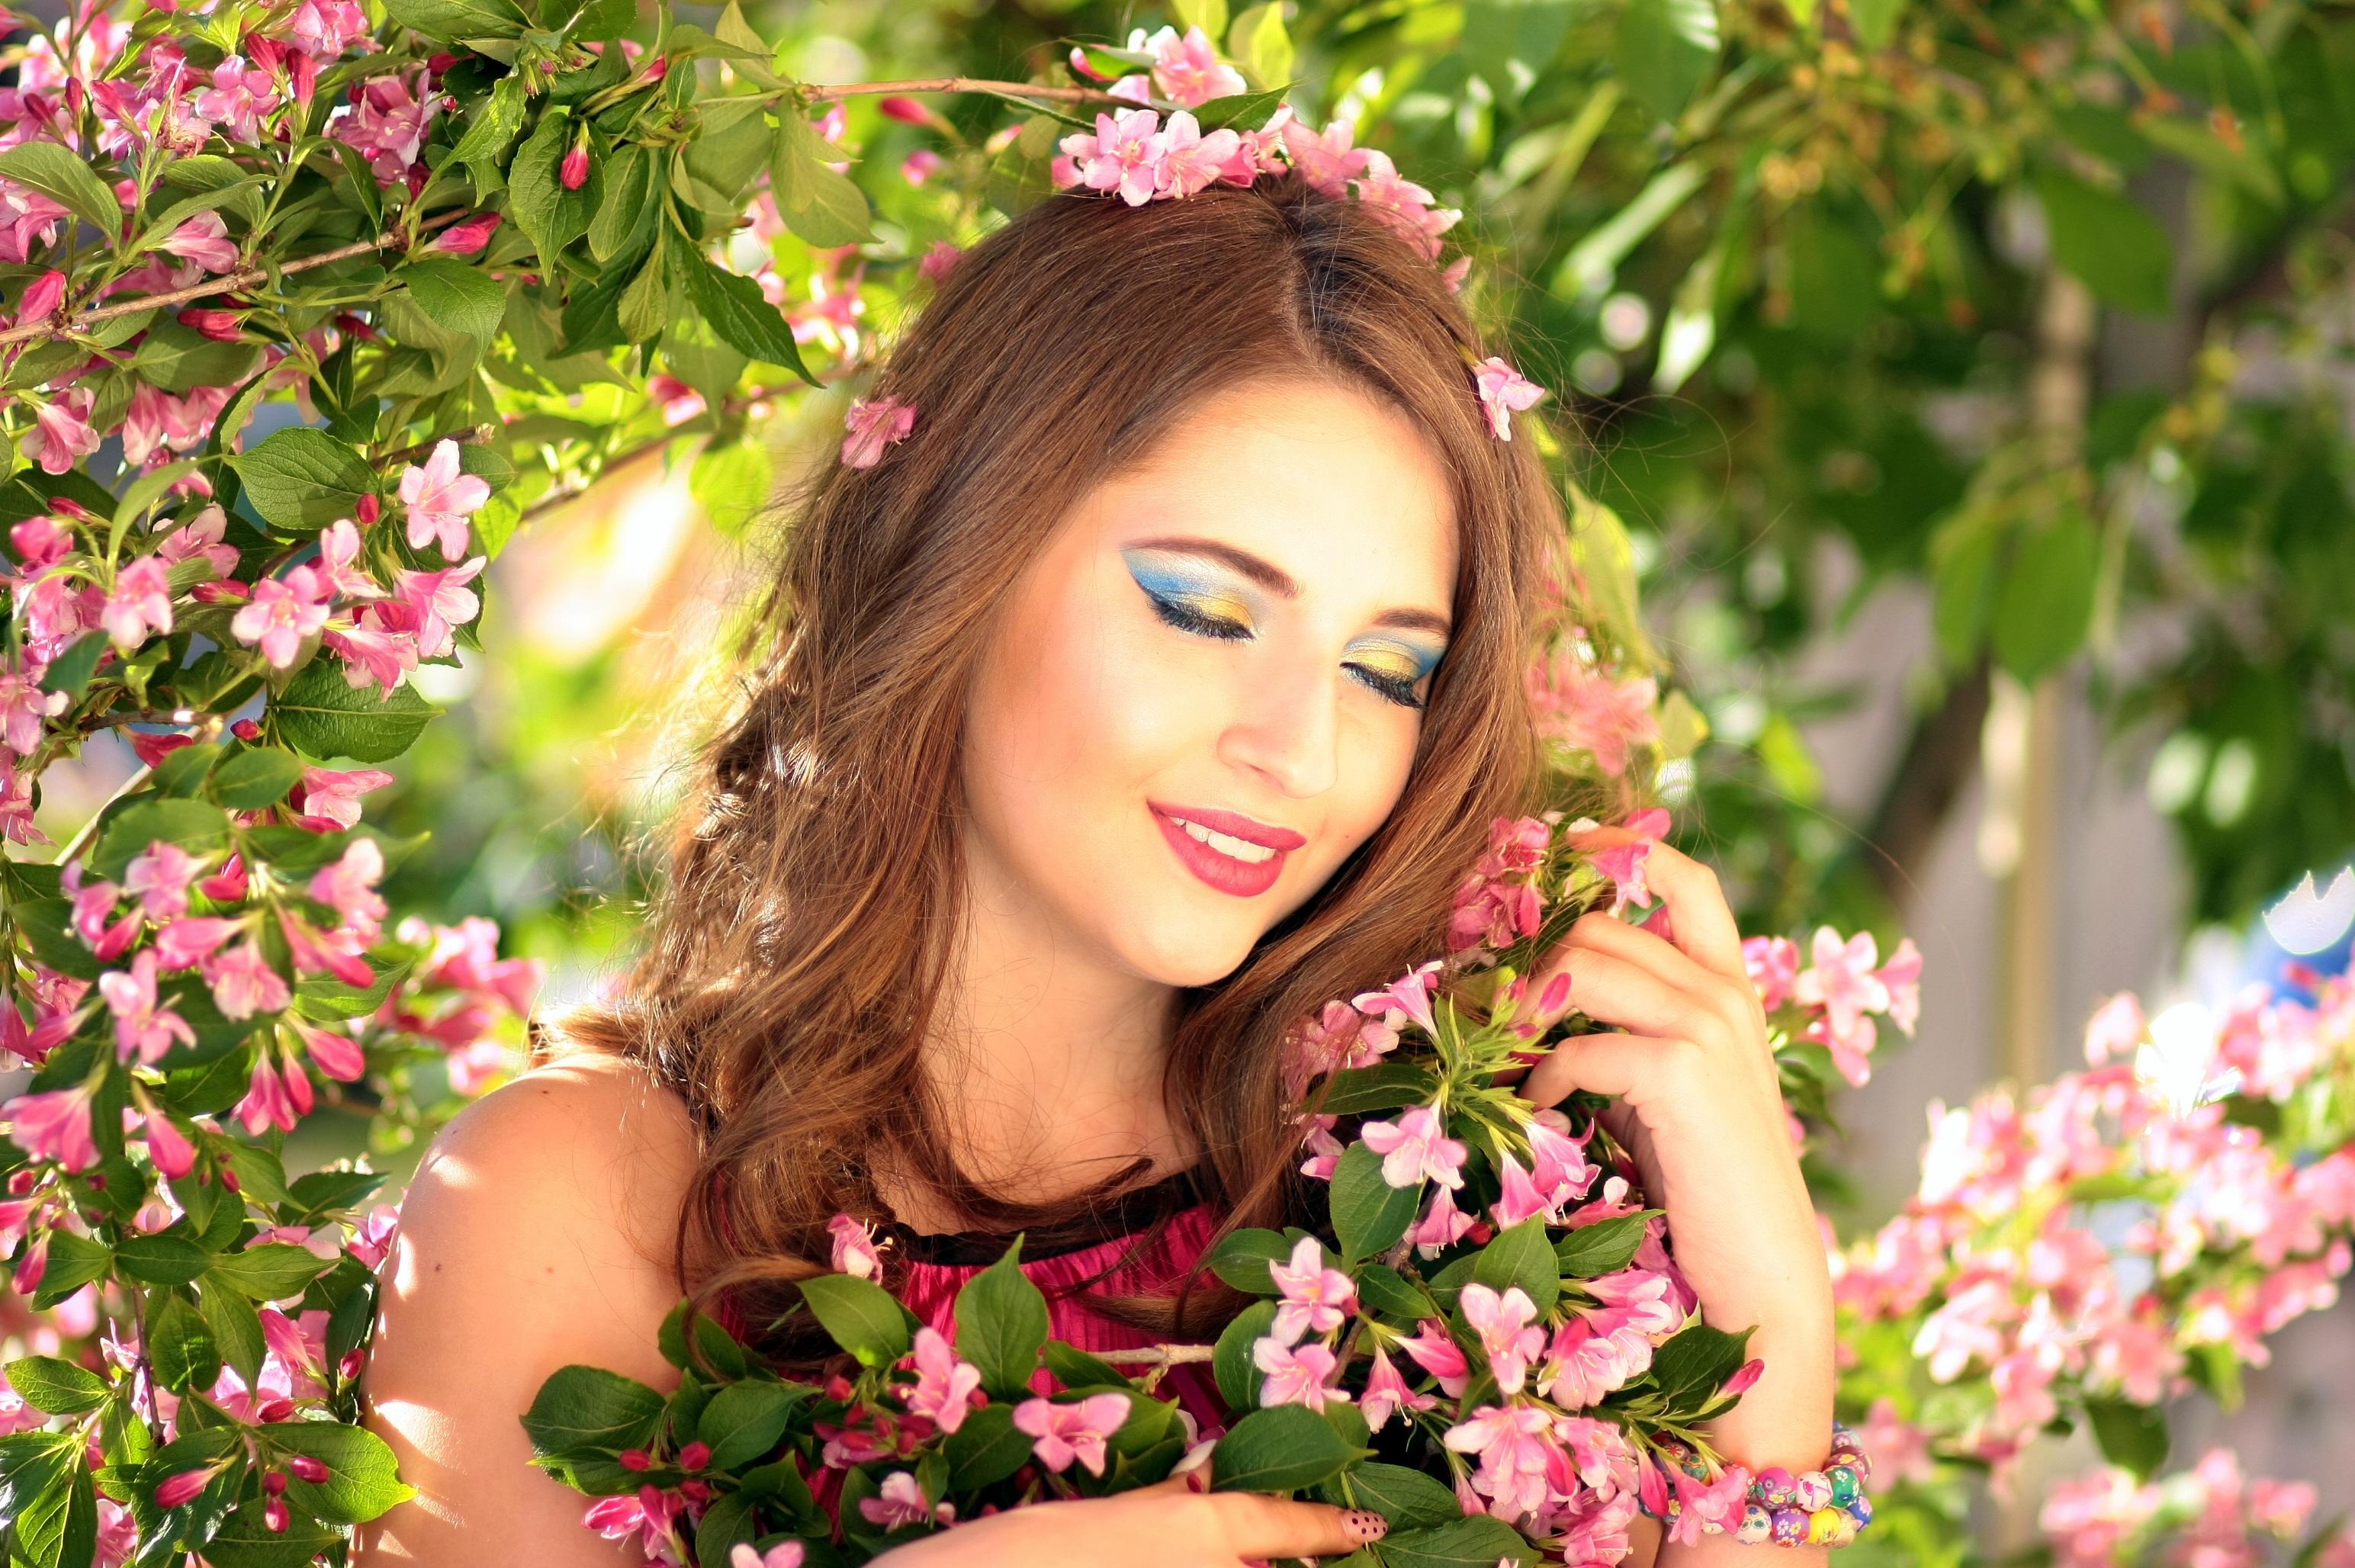 Картинки женщина весна красивые на телефон